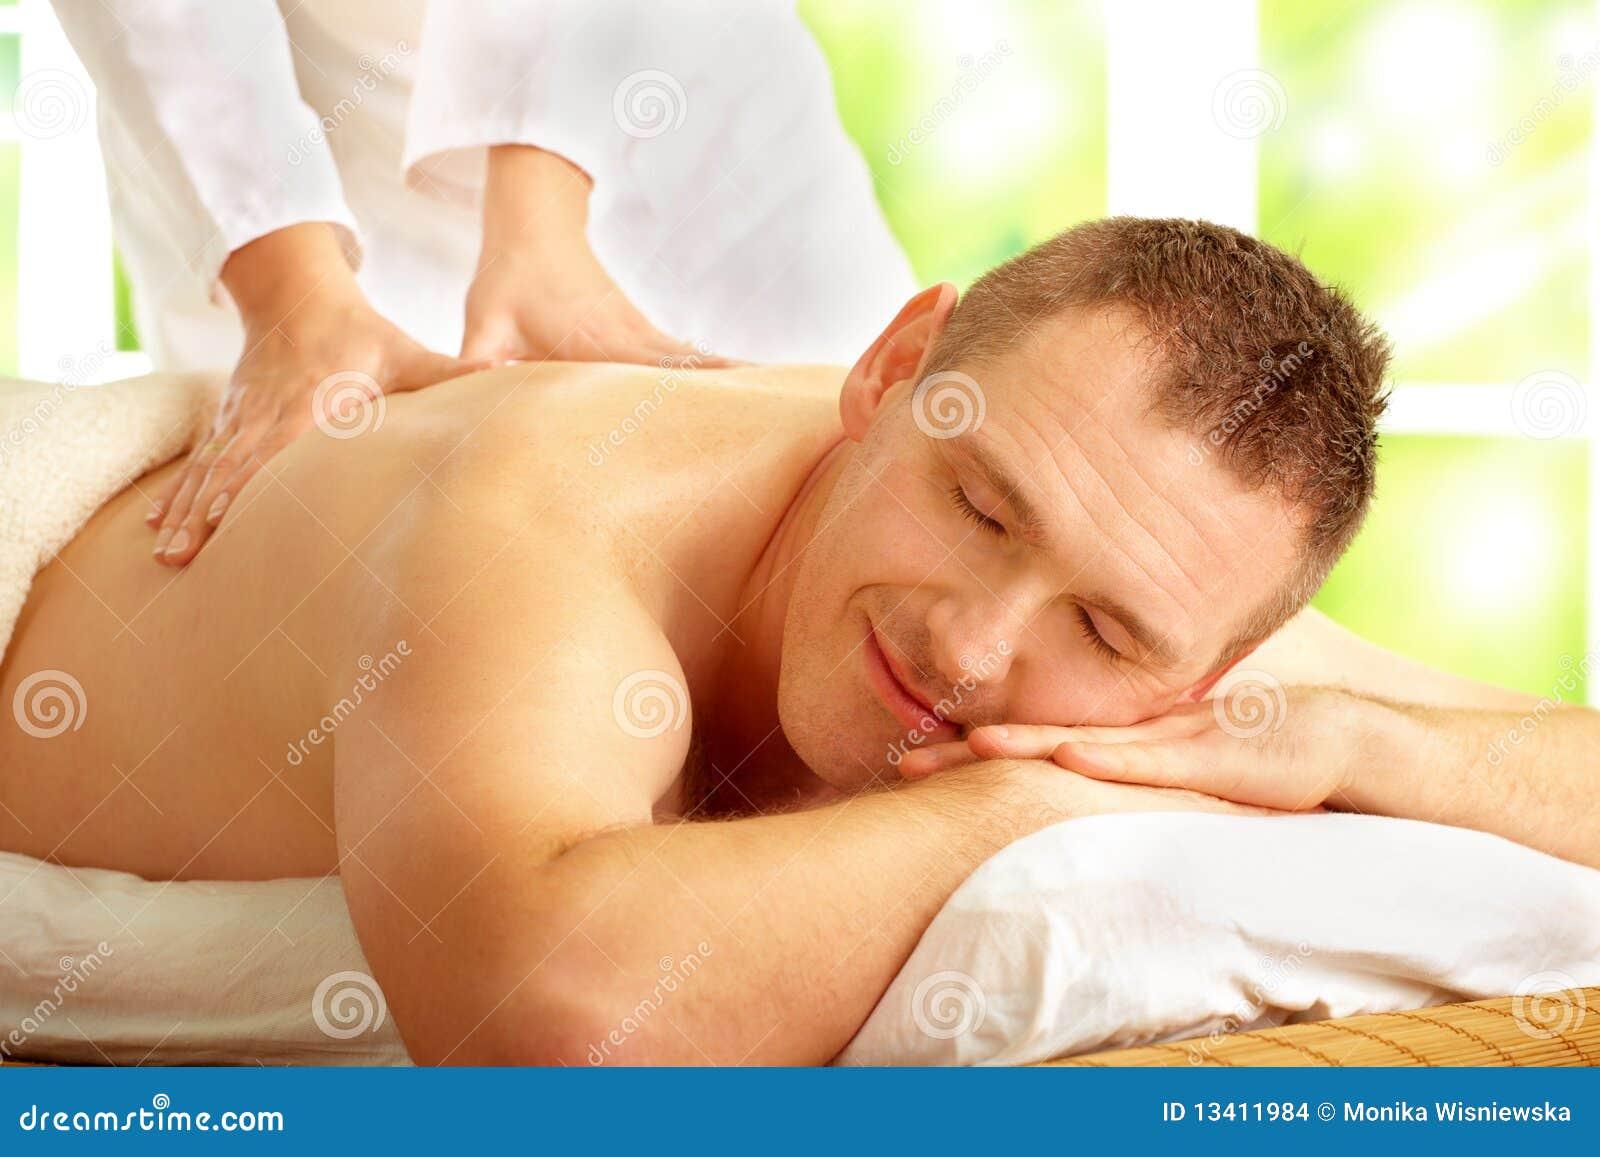 наслаждаться мыжской обработкой массажа